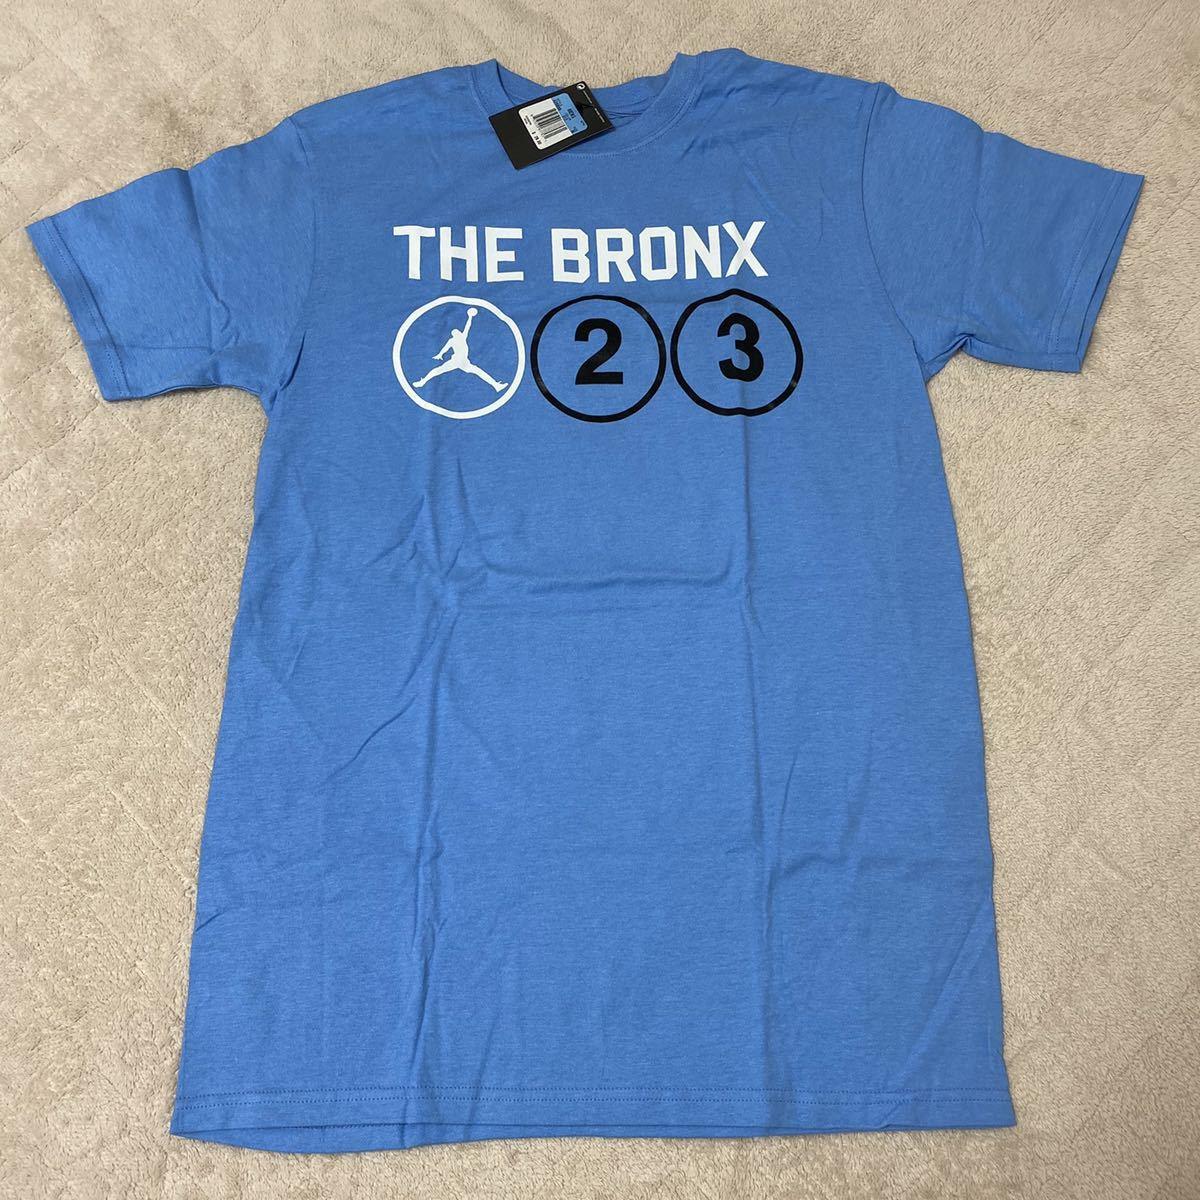 【激レア・即発送可】 NIKE AIR JORDAN NY SUBWAYモチーフTシャツ sizeM エアジョーダン 地下鉄 THE BRONX _画像2